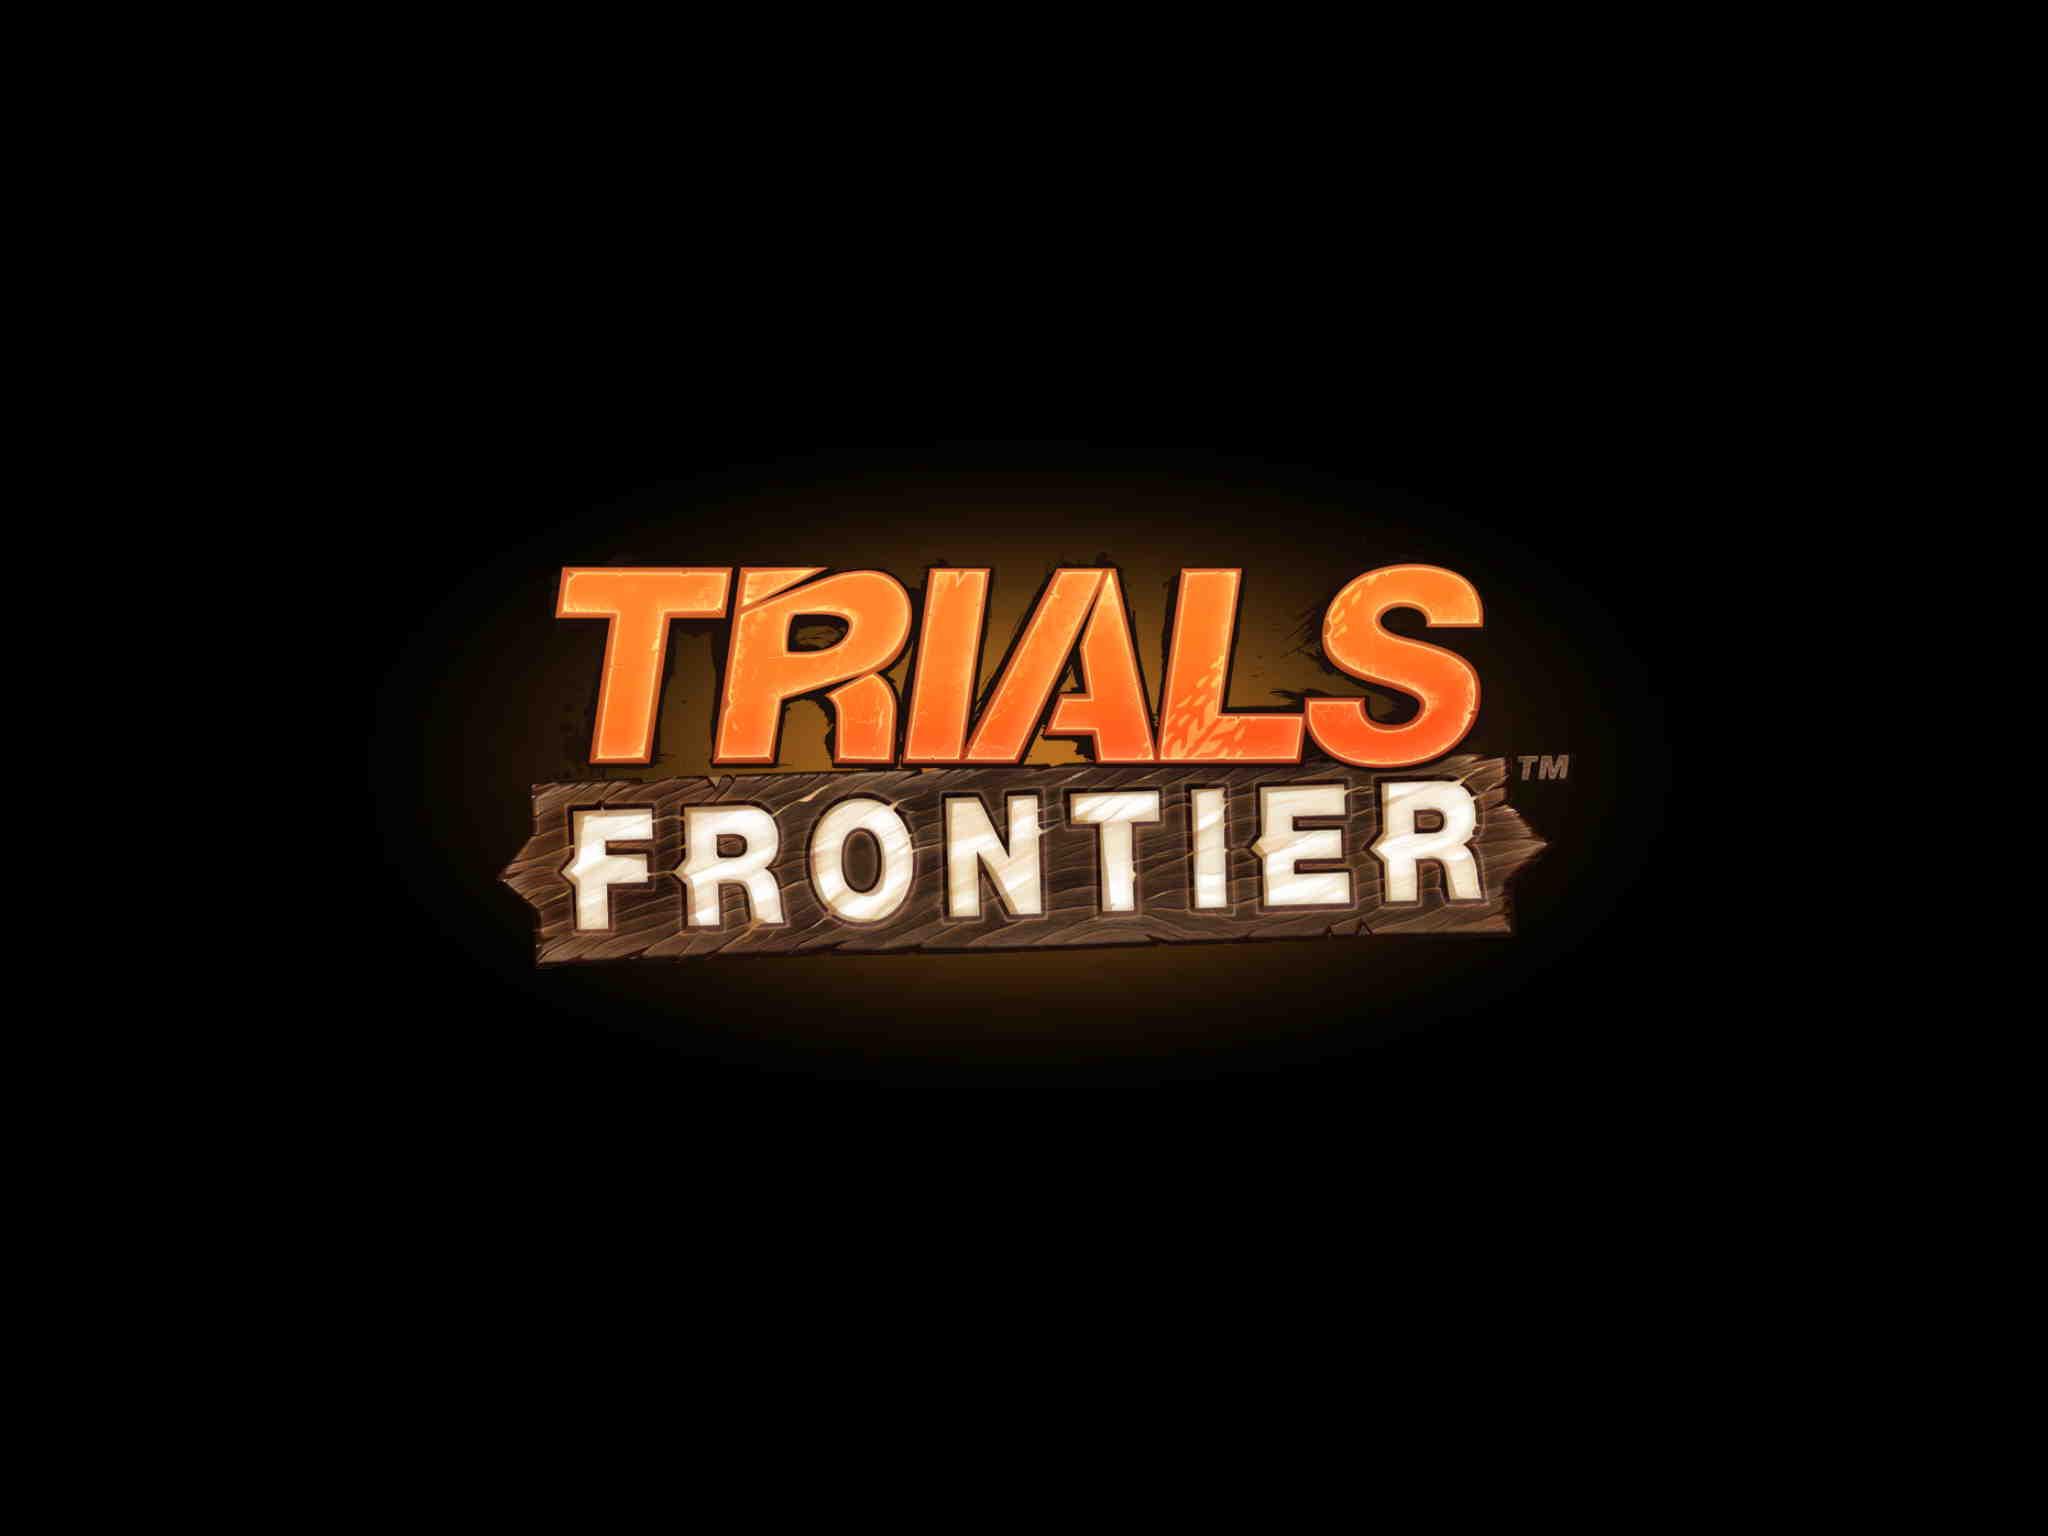 TrialsFrontier_01